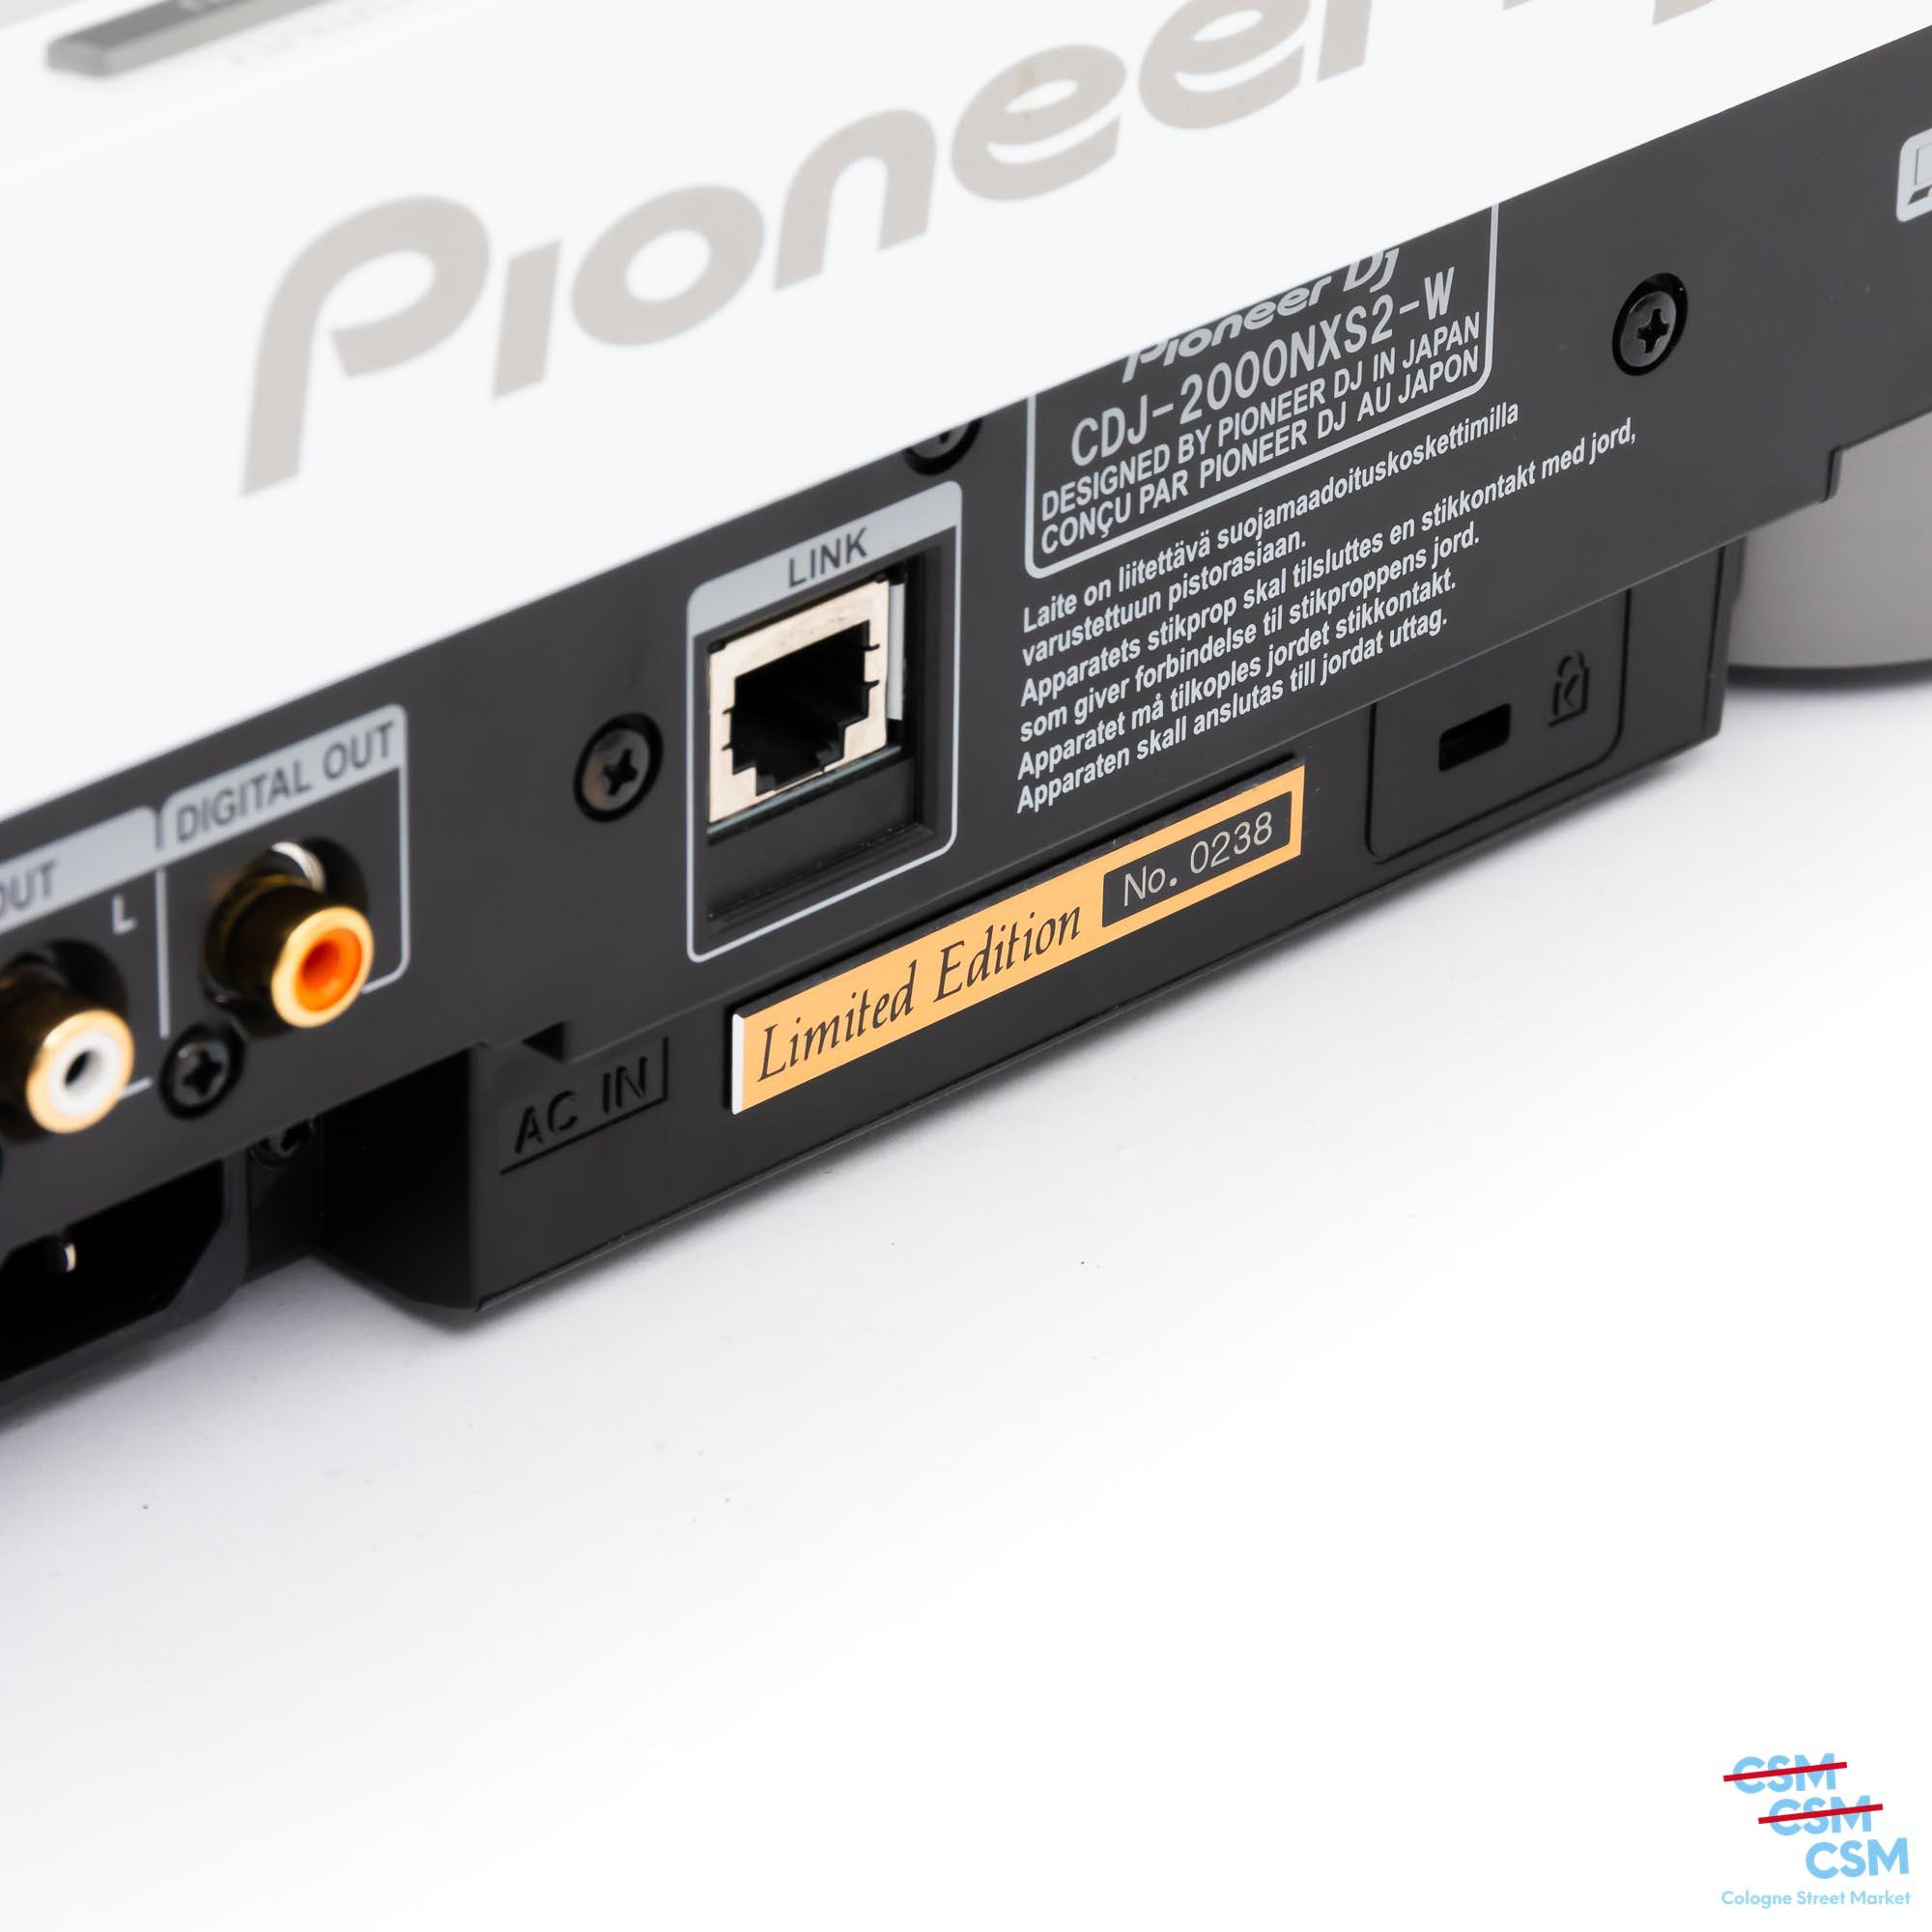 2er-Paket-Pioneer-DJ-CDJ-2000-NXS-Limited-White-gebraucht-12